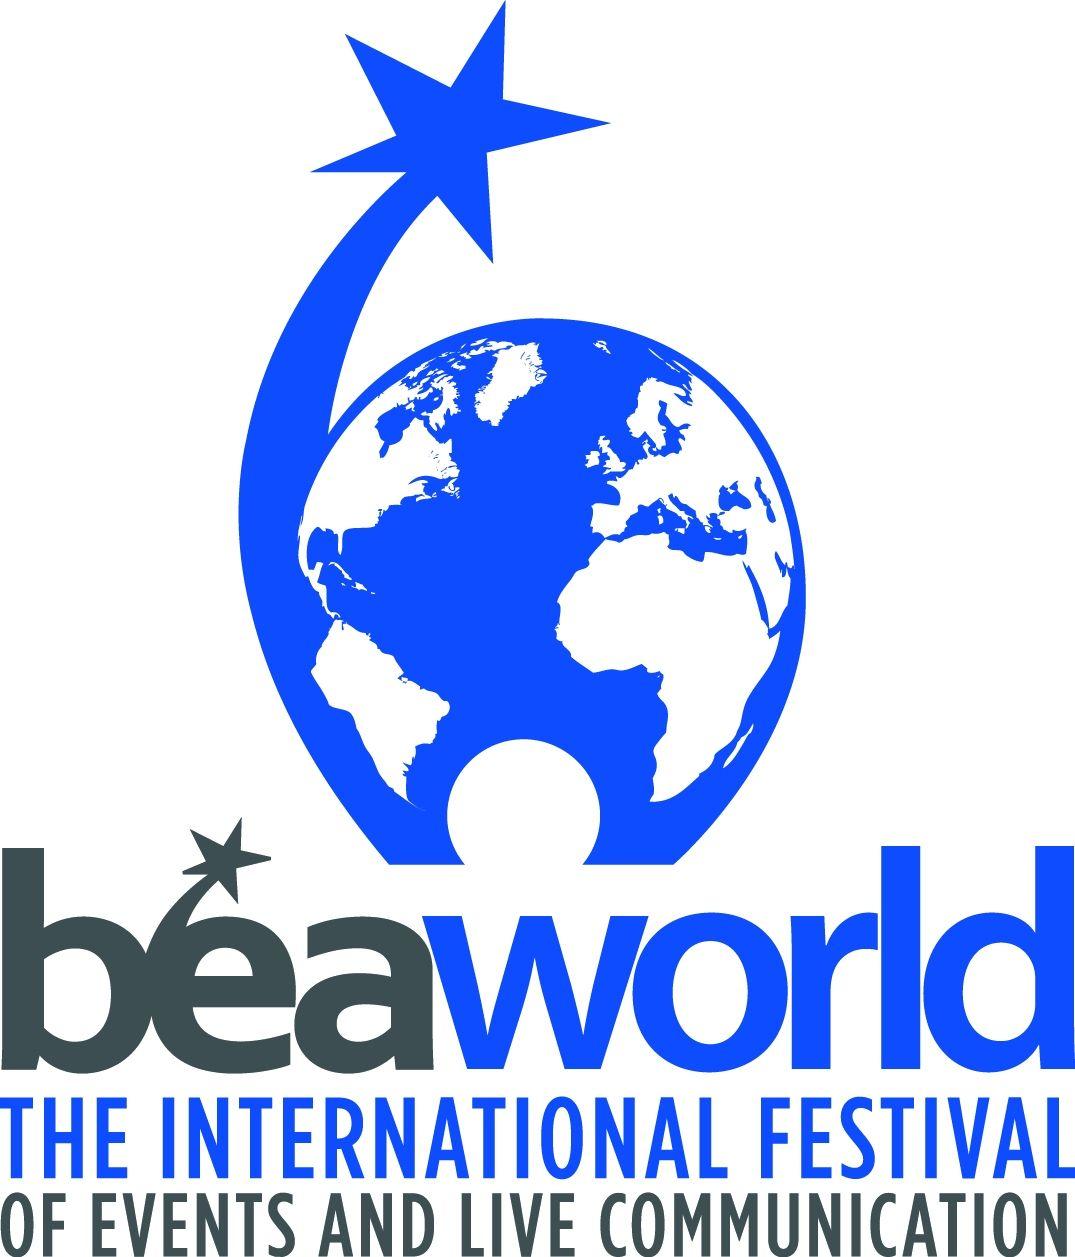 Von Rimini in die ganze Welt: EuBea wird Bea World